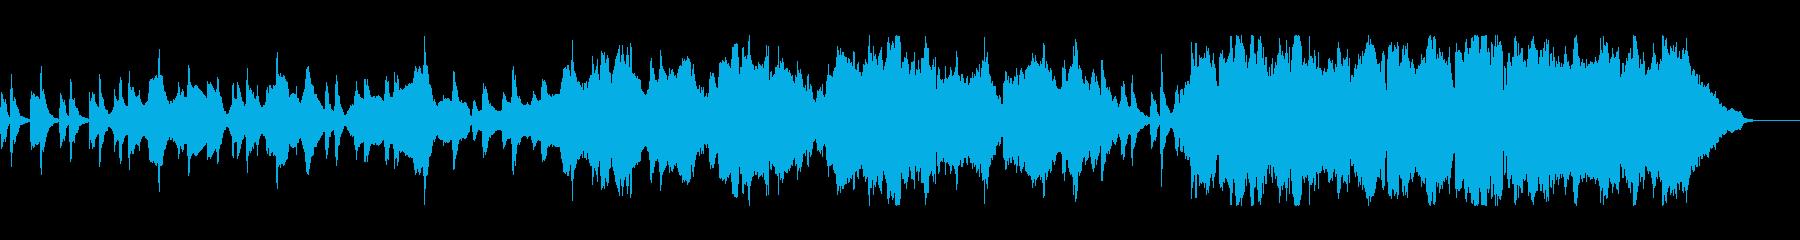 のんびりとしたまったり日常系サウンドの再生済みの波形